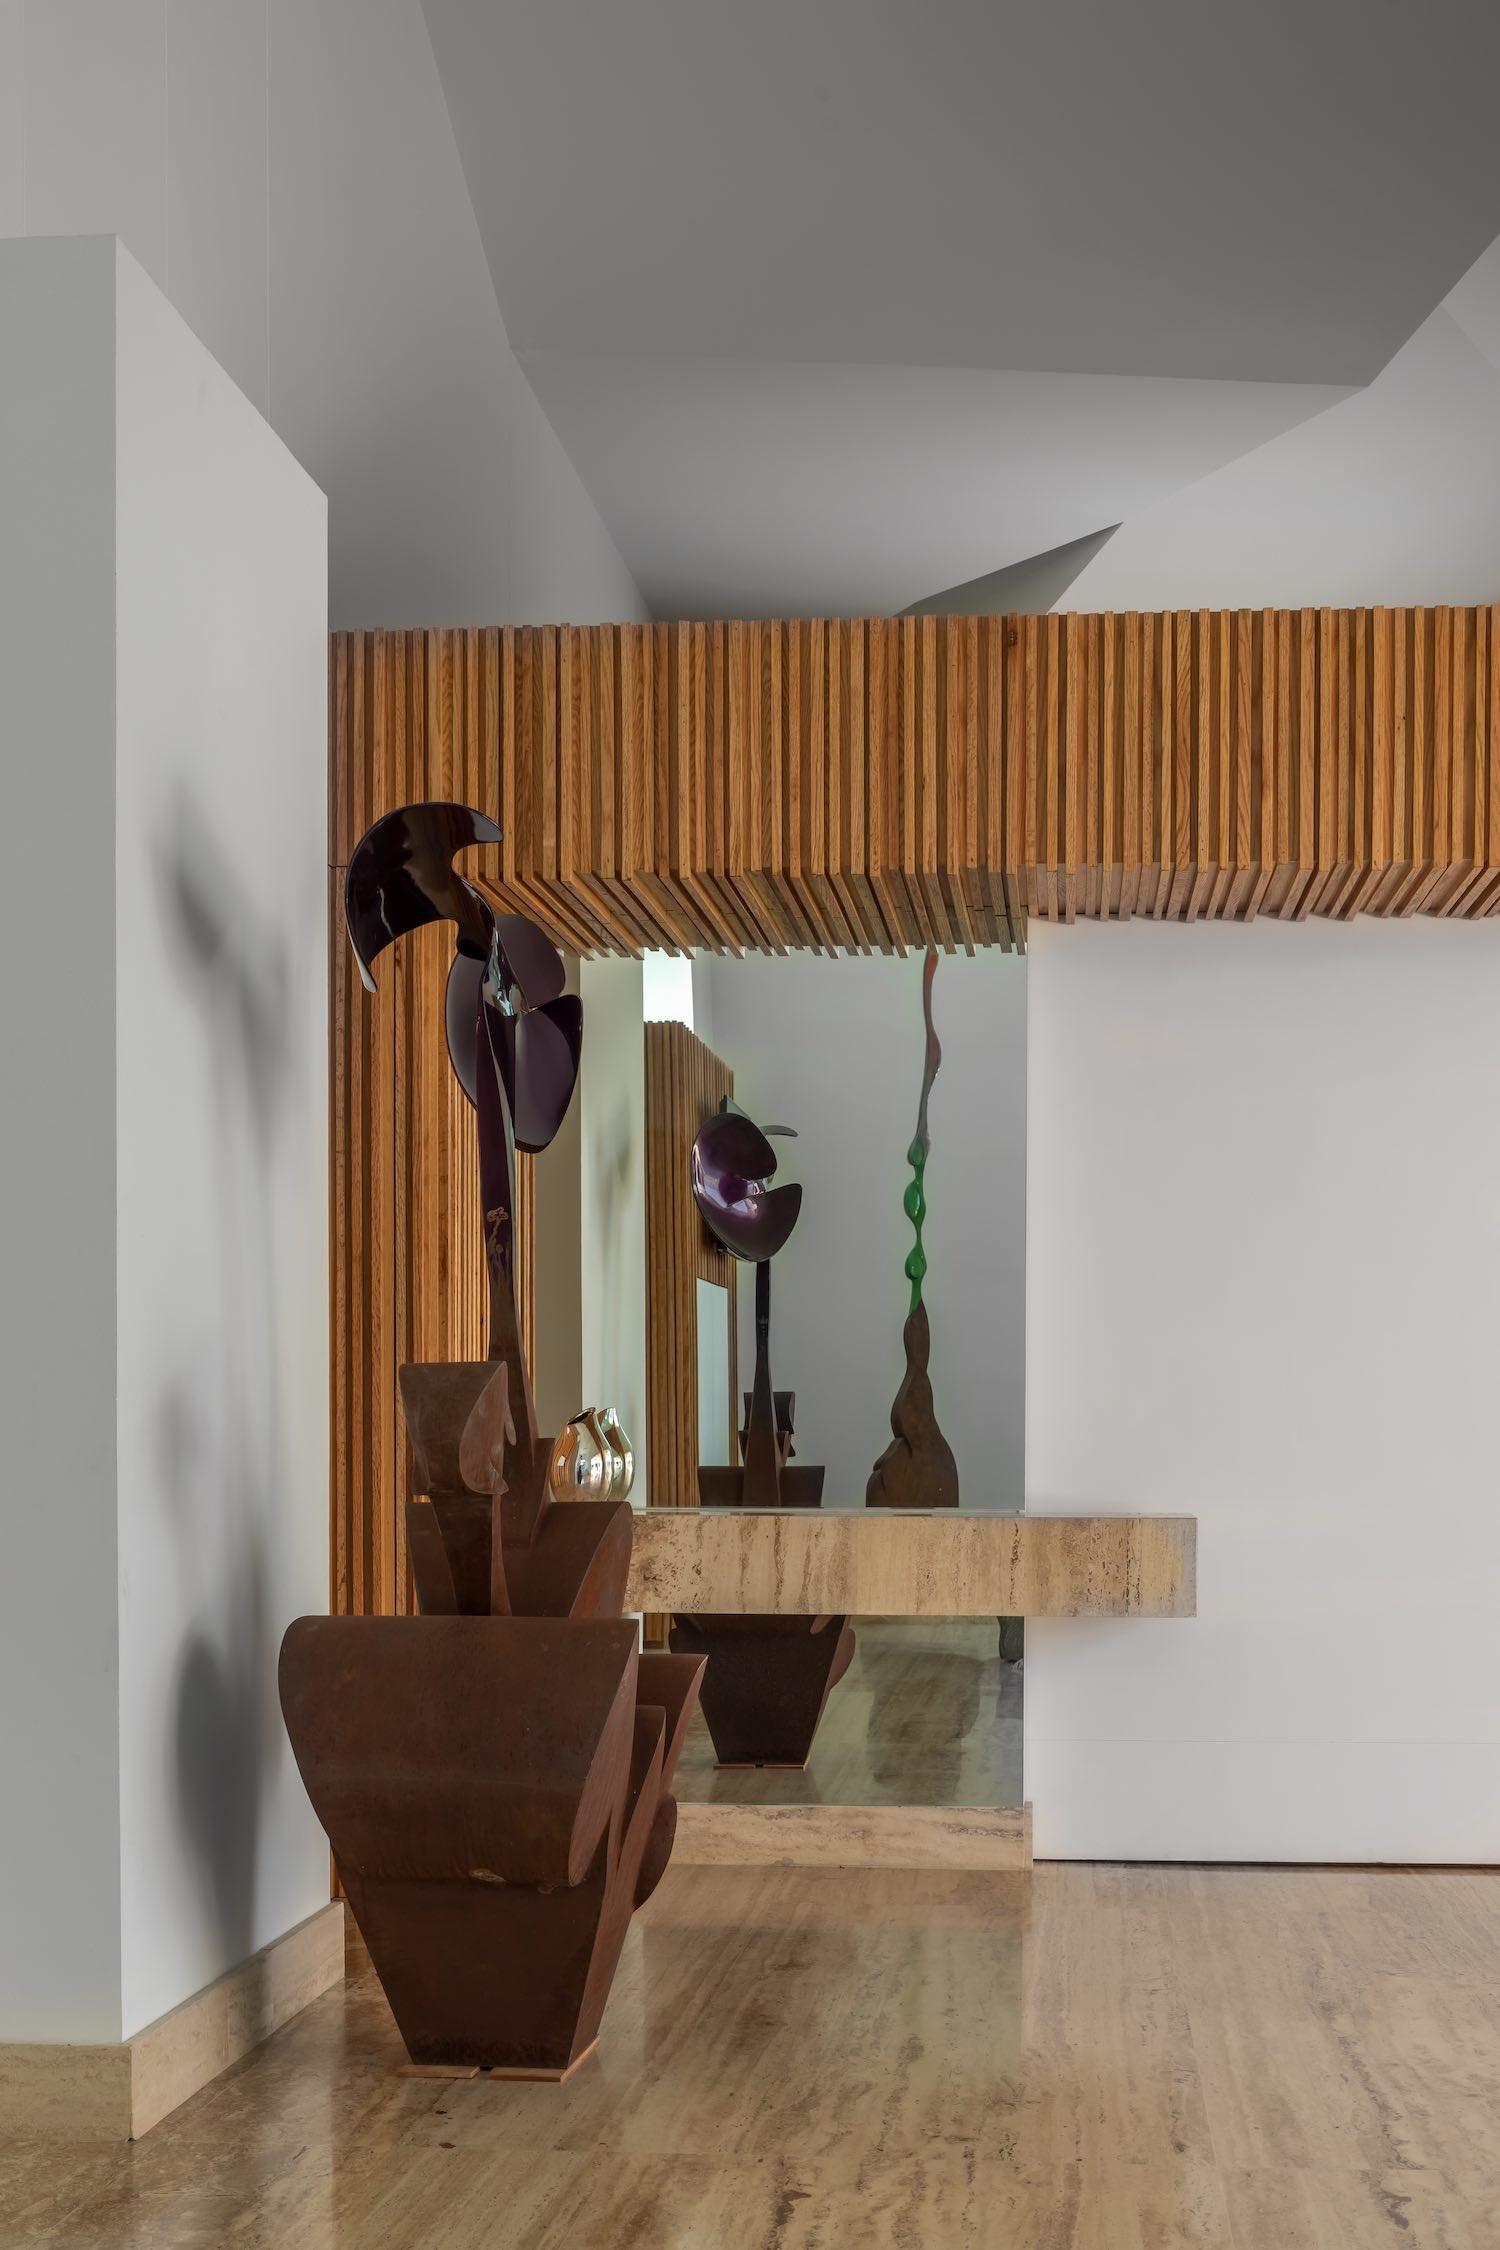 interior design with luxury furniture